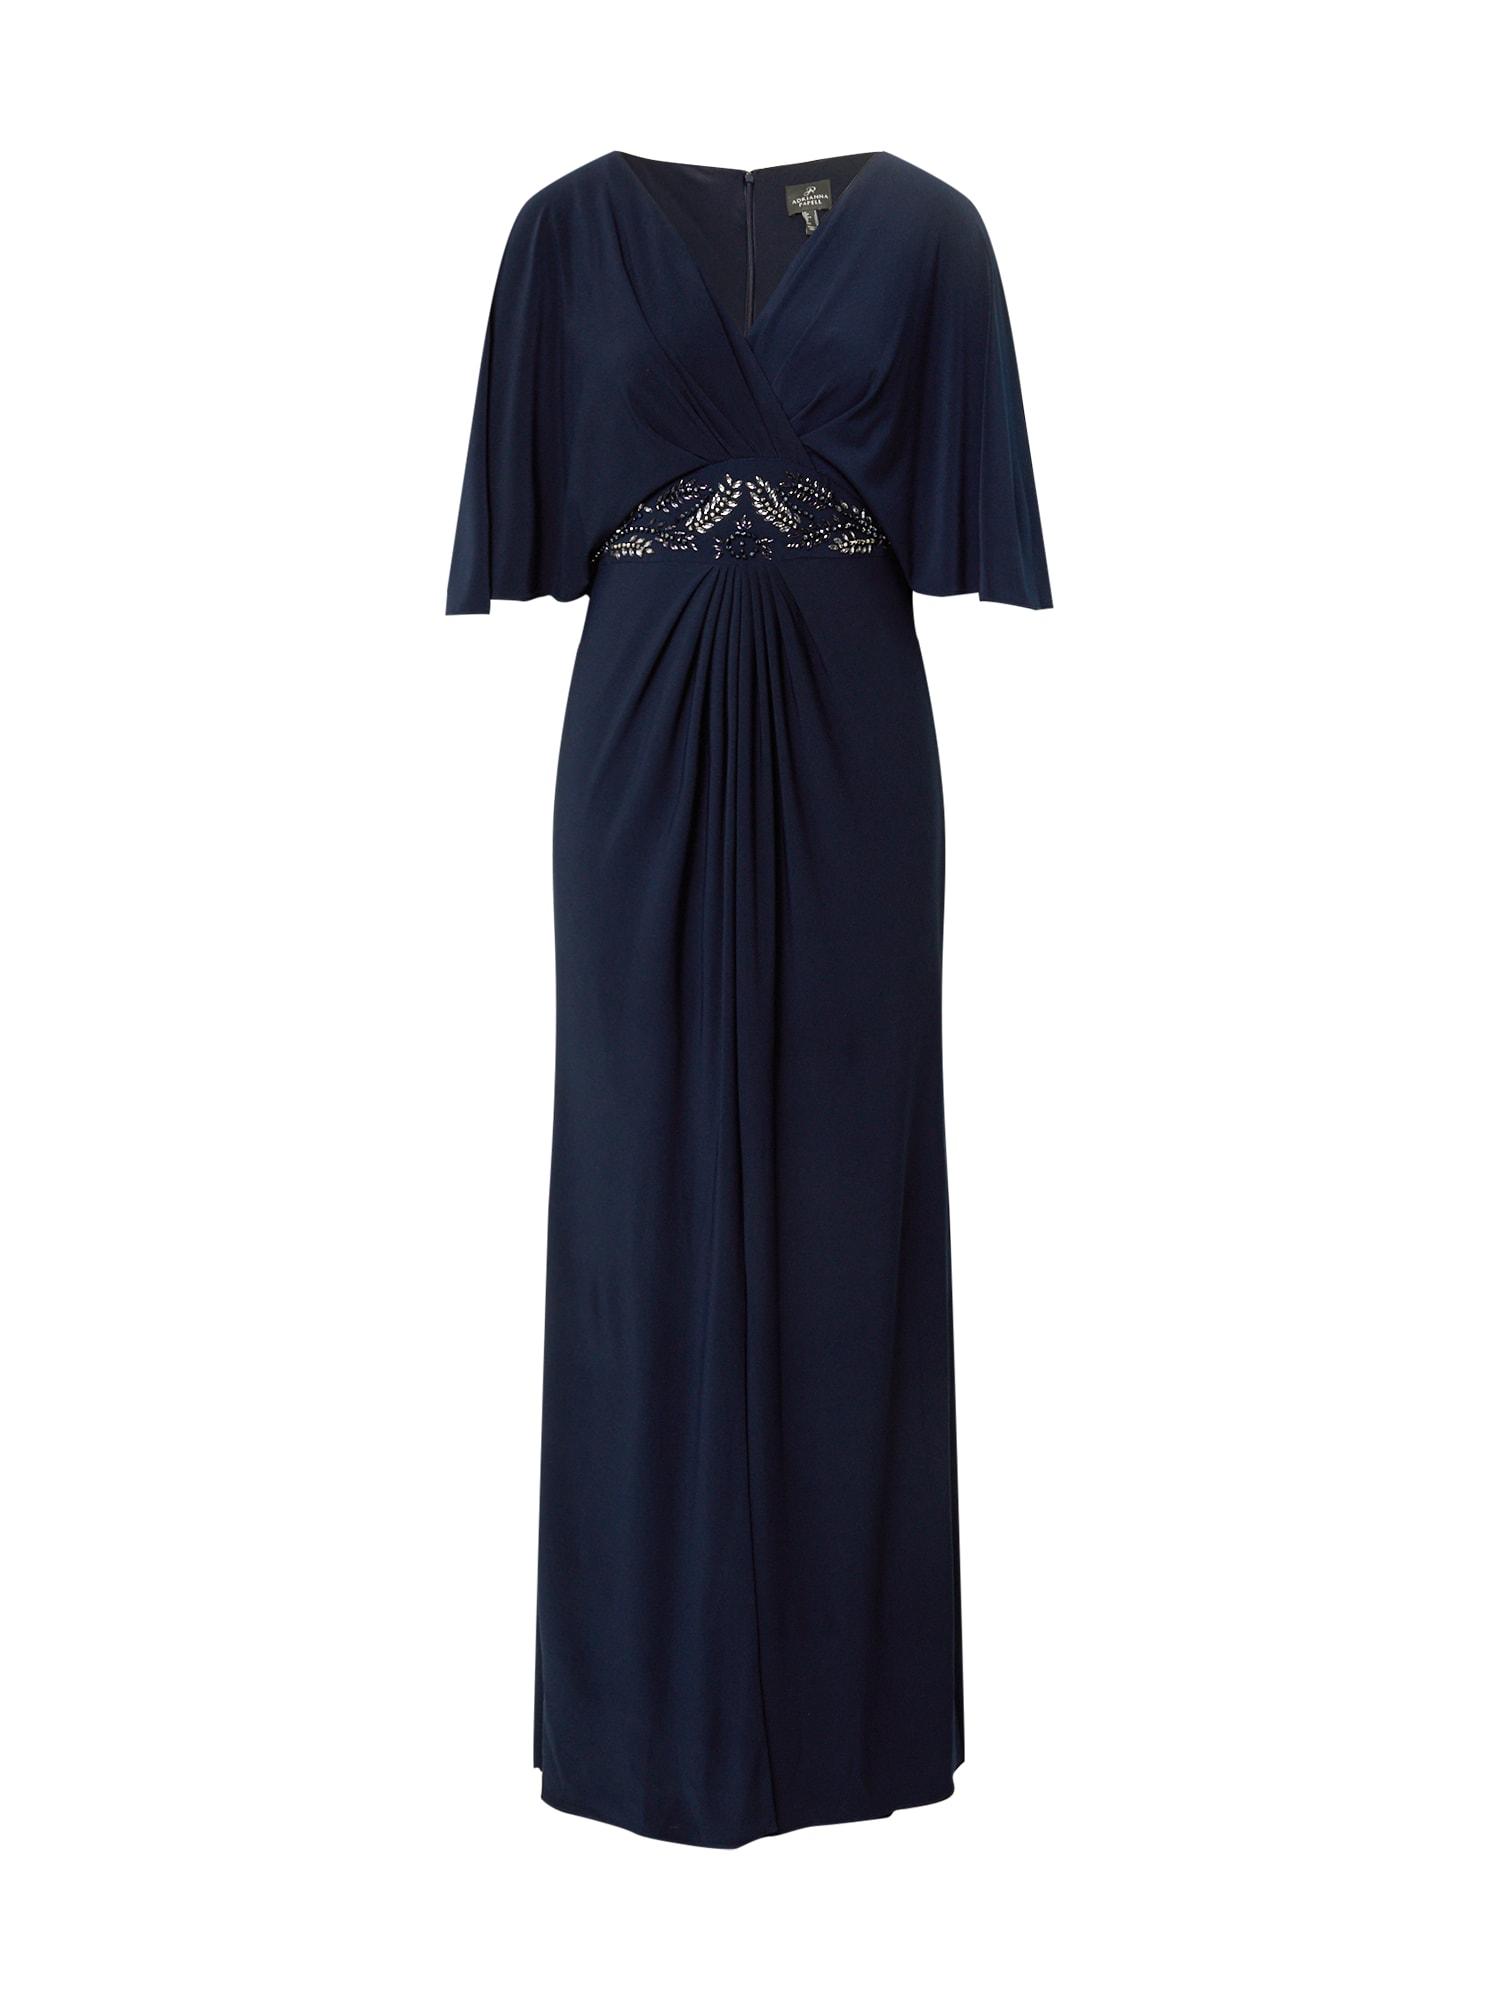 Adrianna Papell Vakarinė suknelė tamsiai mėlyna